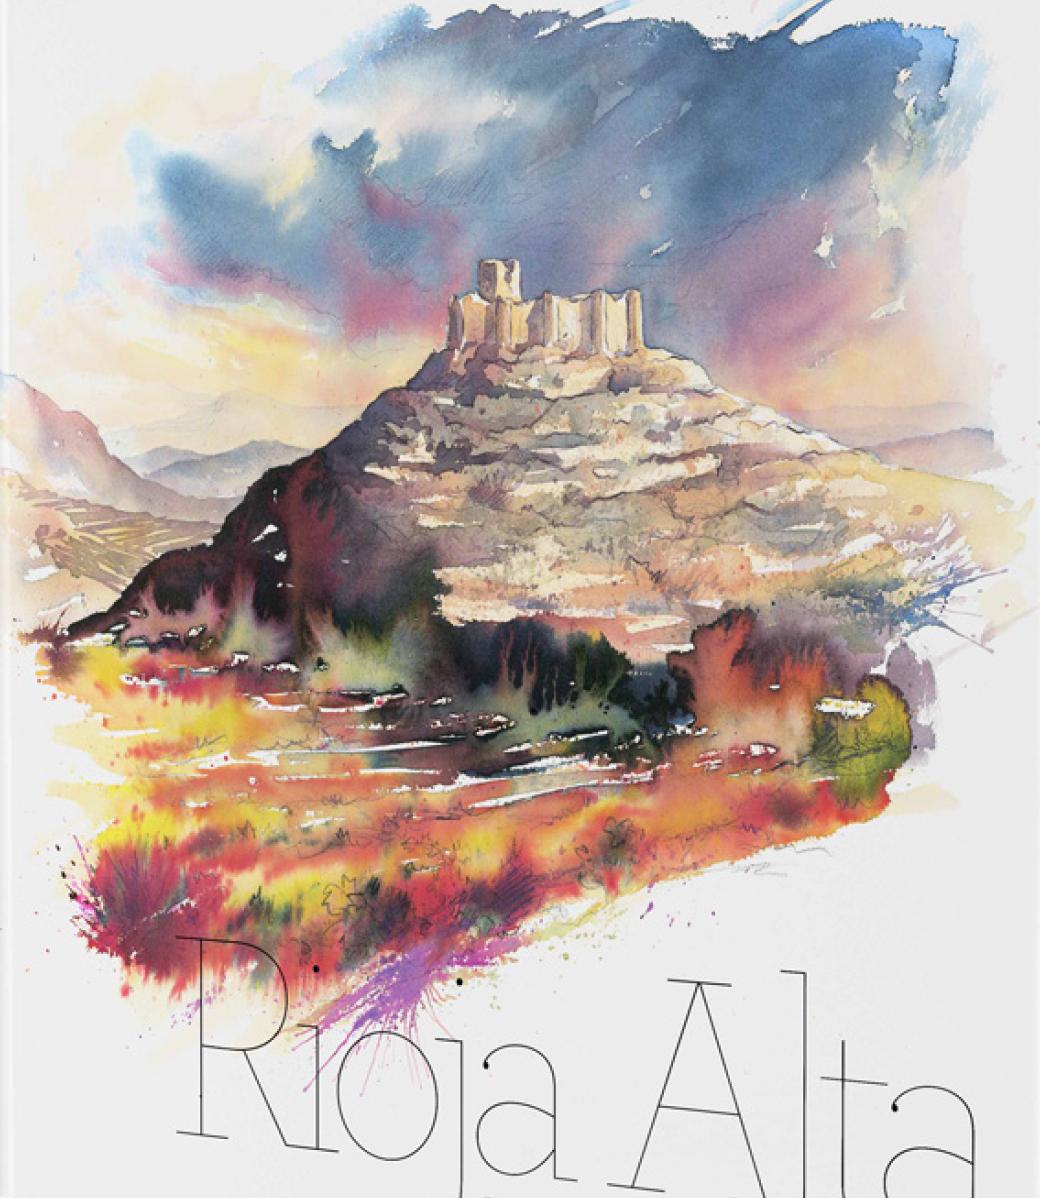 Rioja Alta, premiado en el Gourmand Awards de París